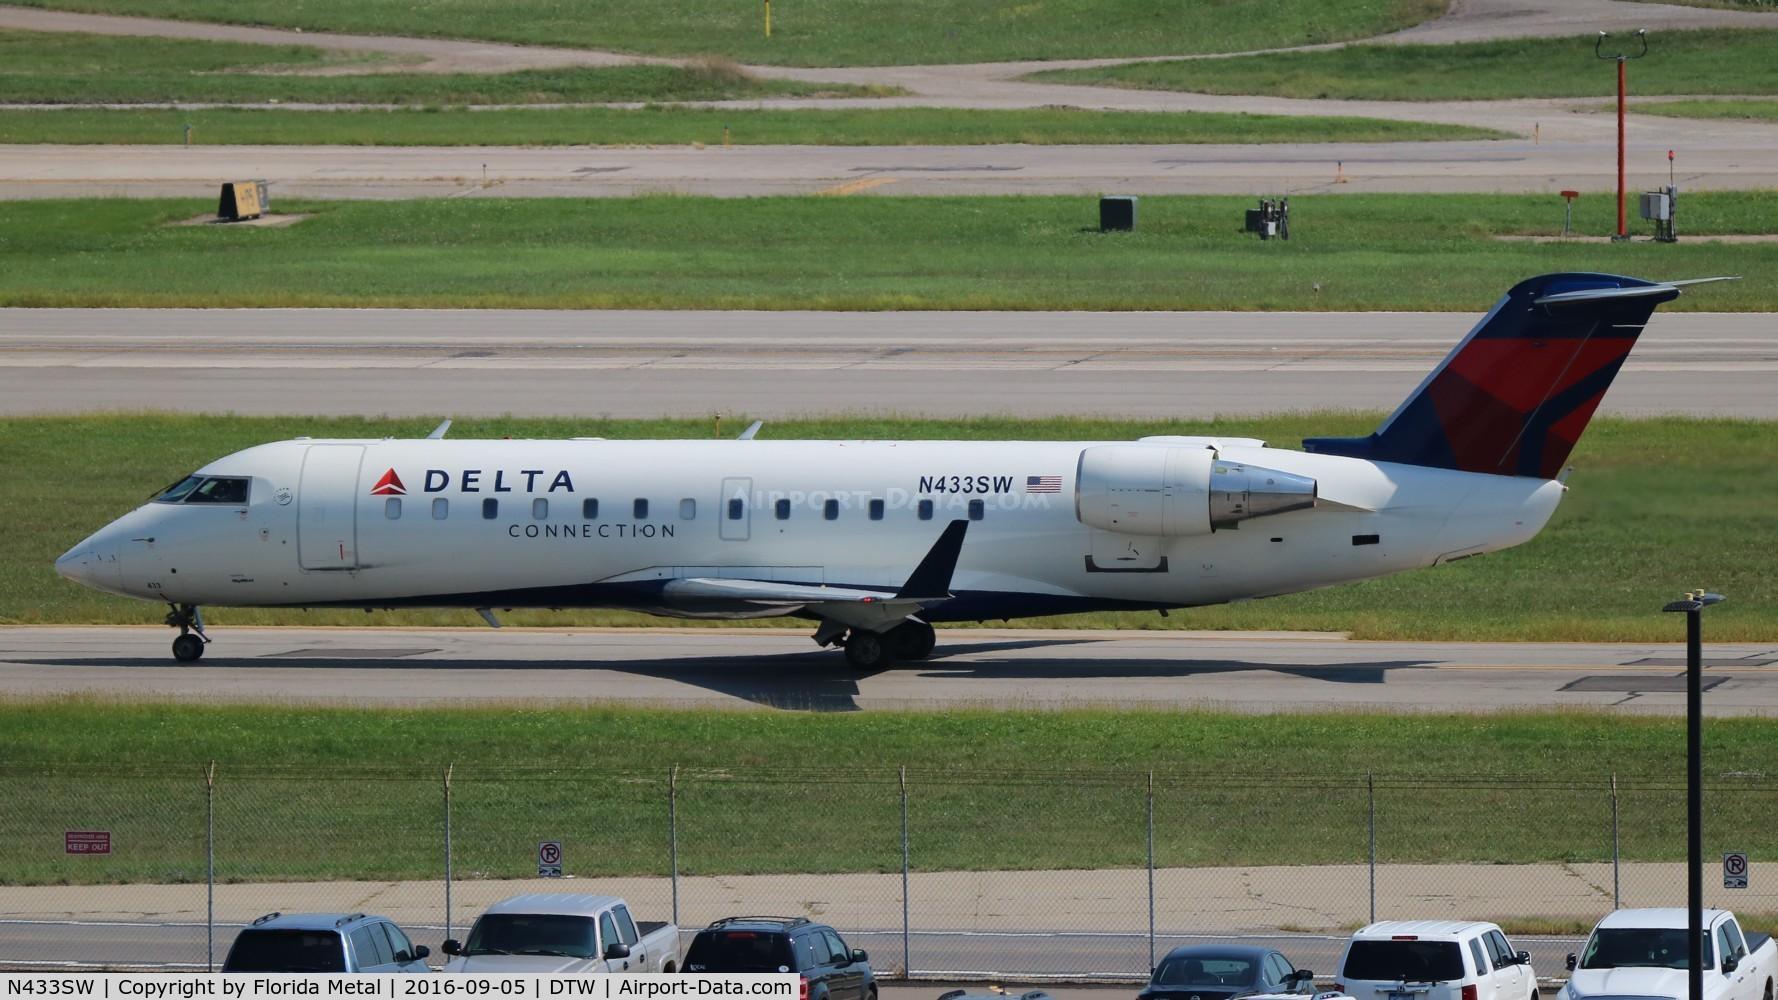 N433SW, 2001 Bombardier CRJ-200LR (CL-600-2B19) C/N 7550, Skywest